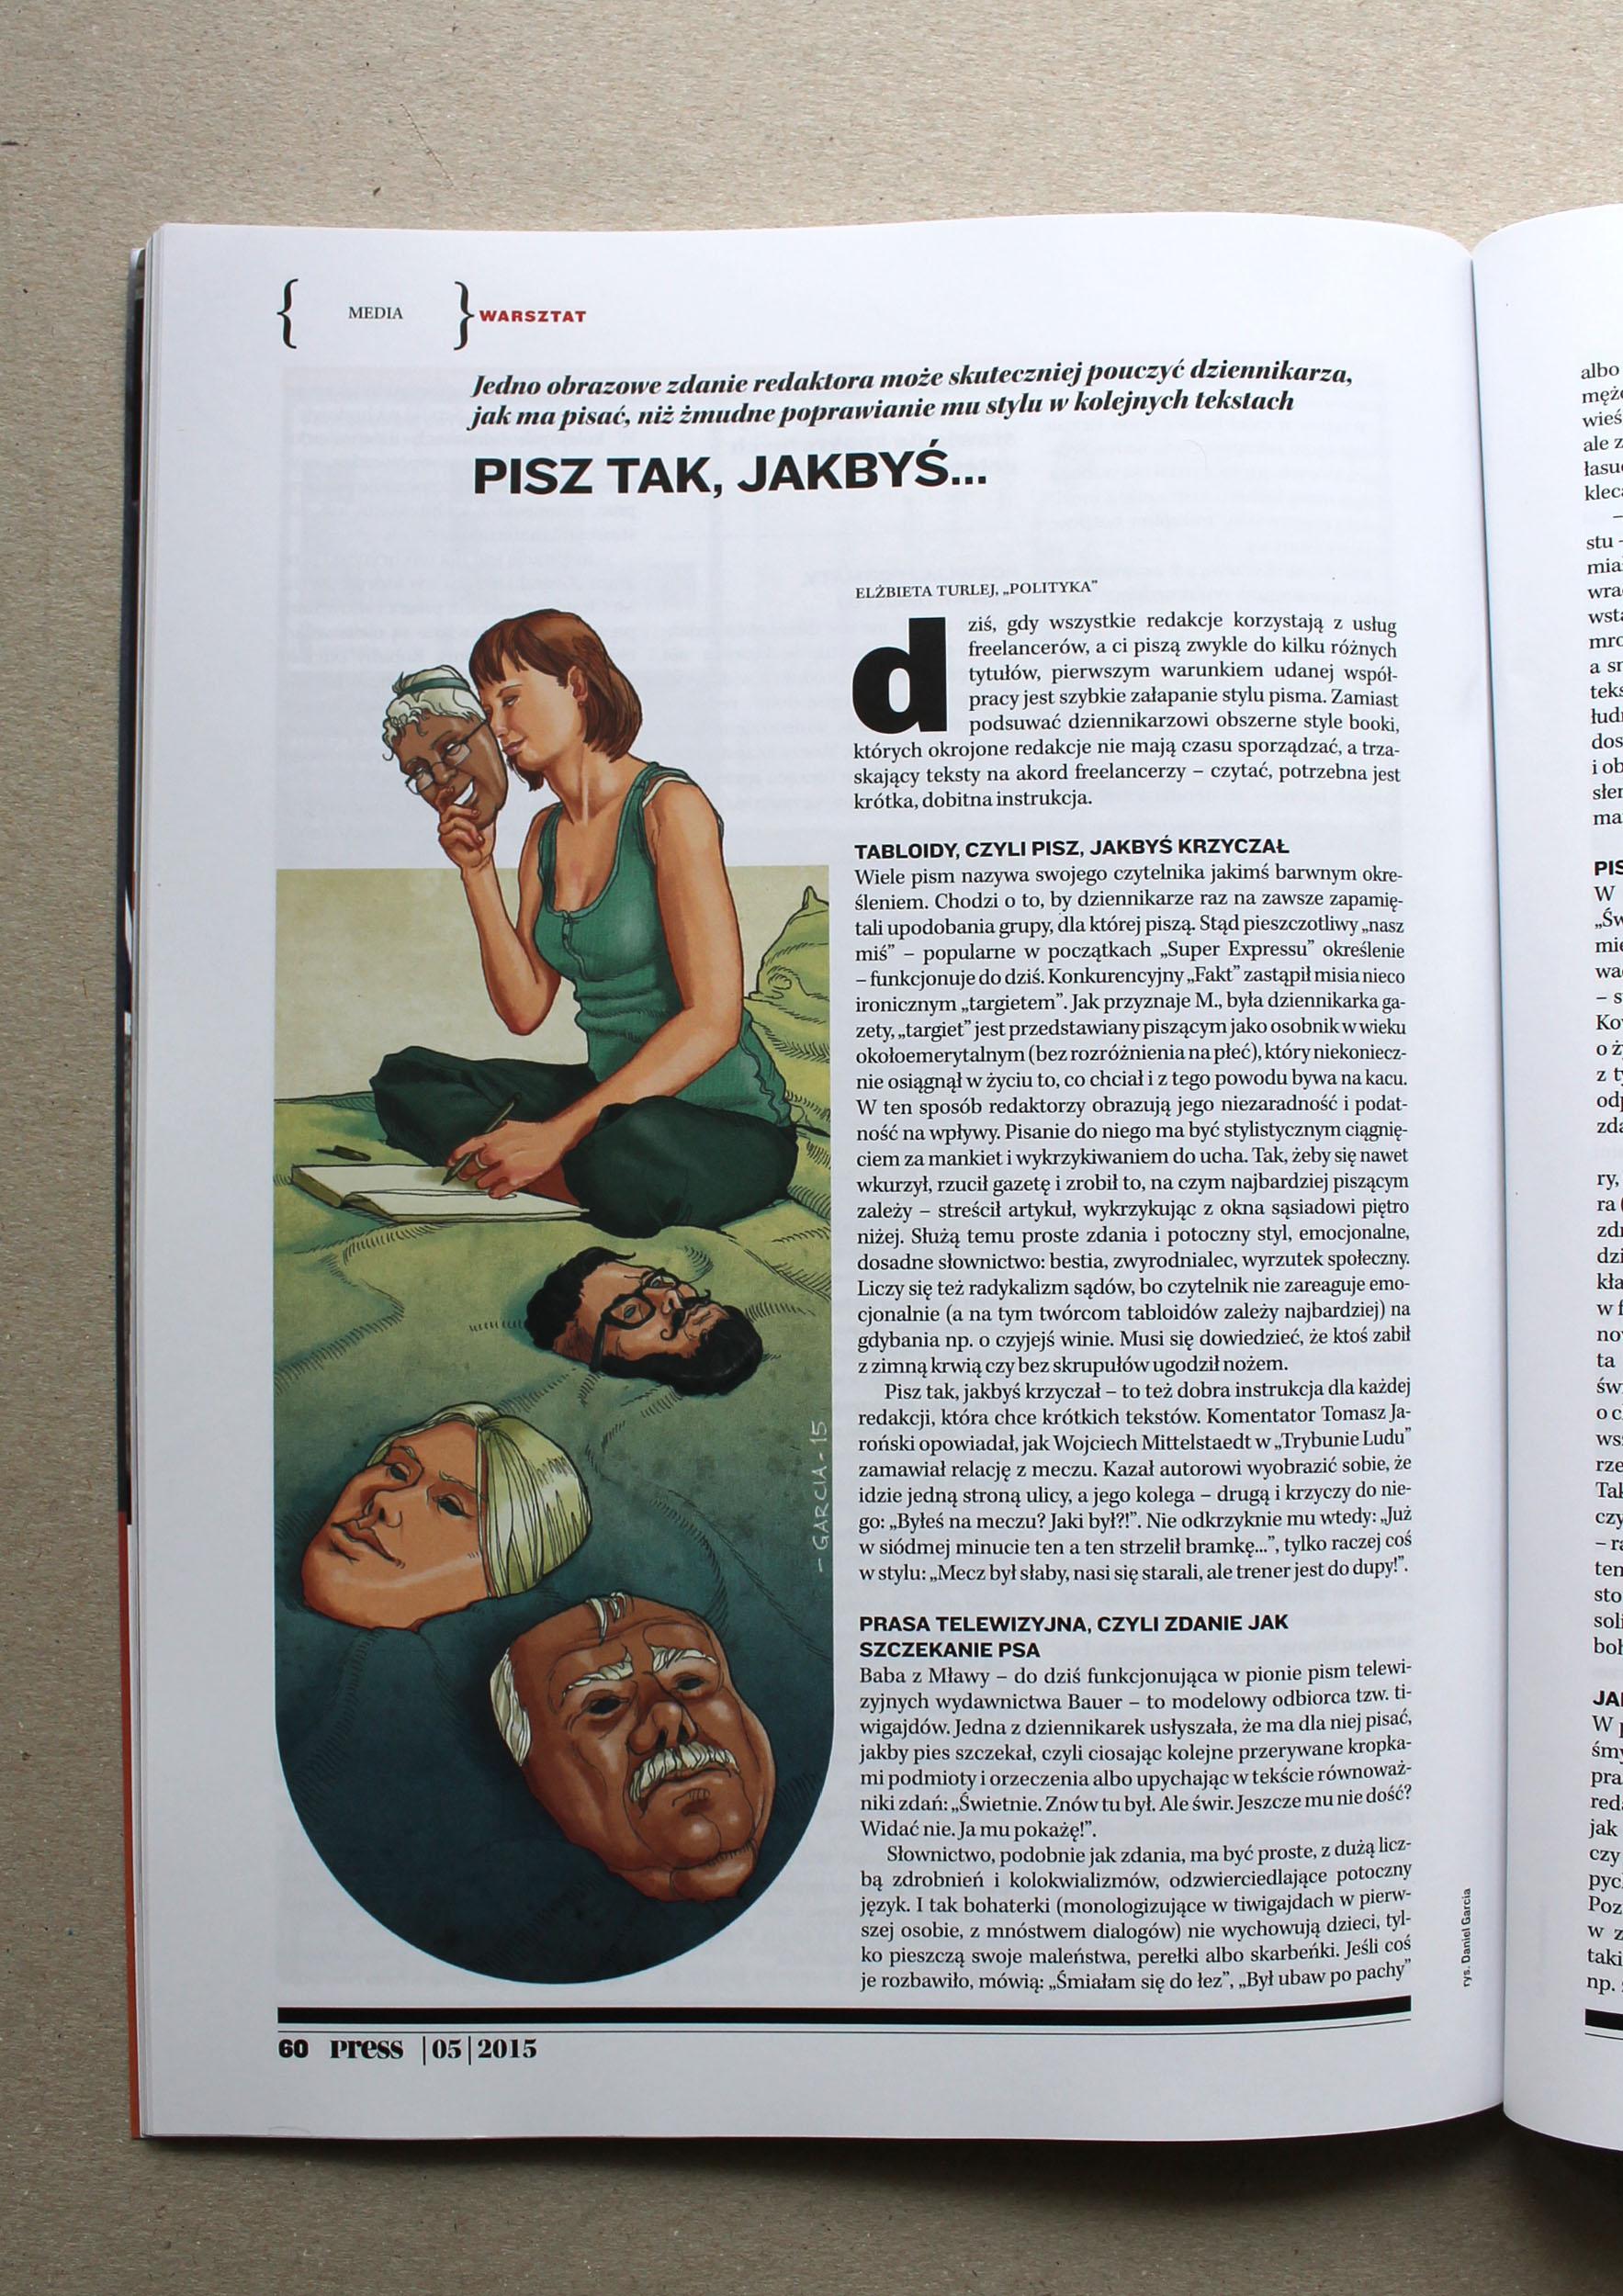 Daniel Garcia Art Illustration Press Freelancer Journalist Dziennikarstwo 02